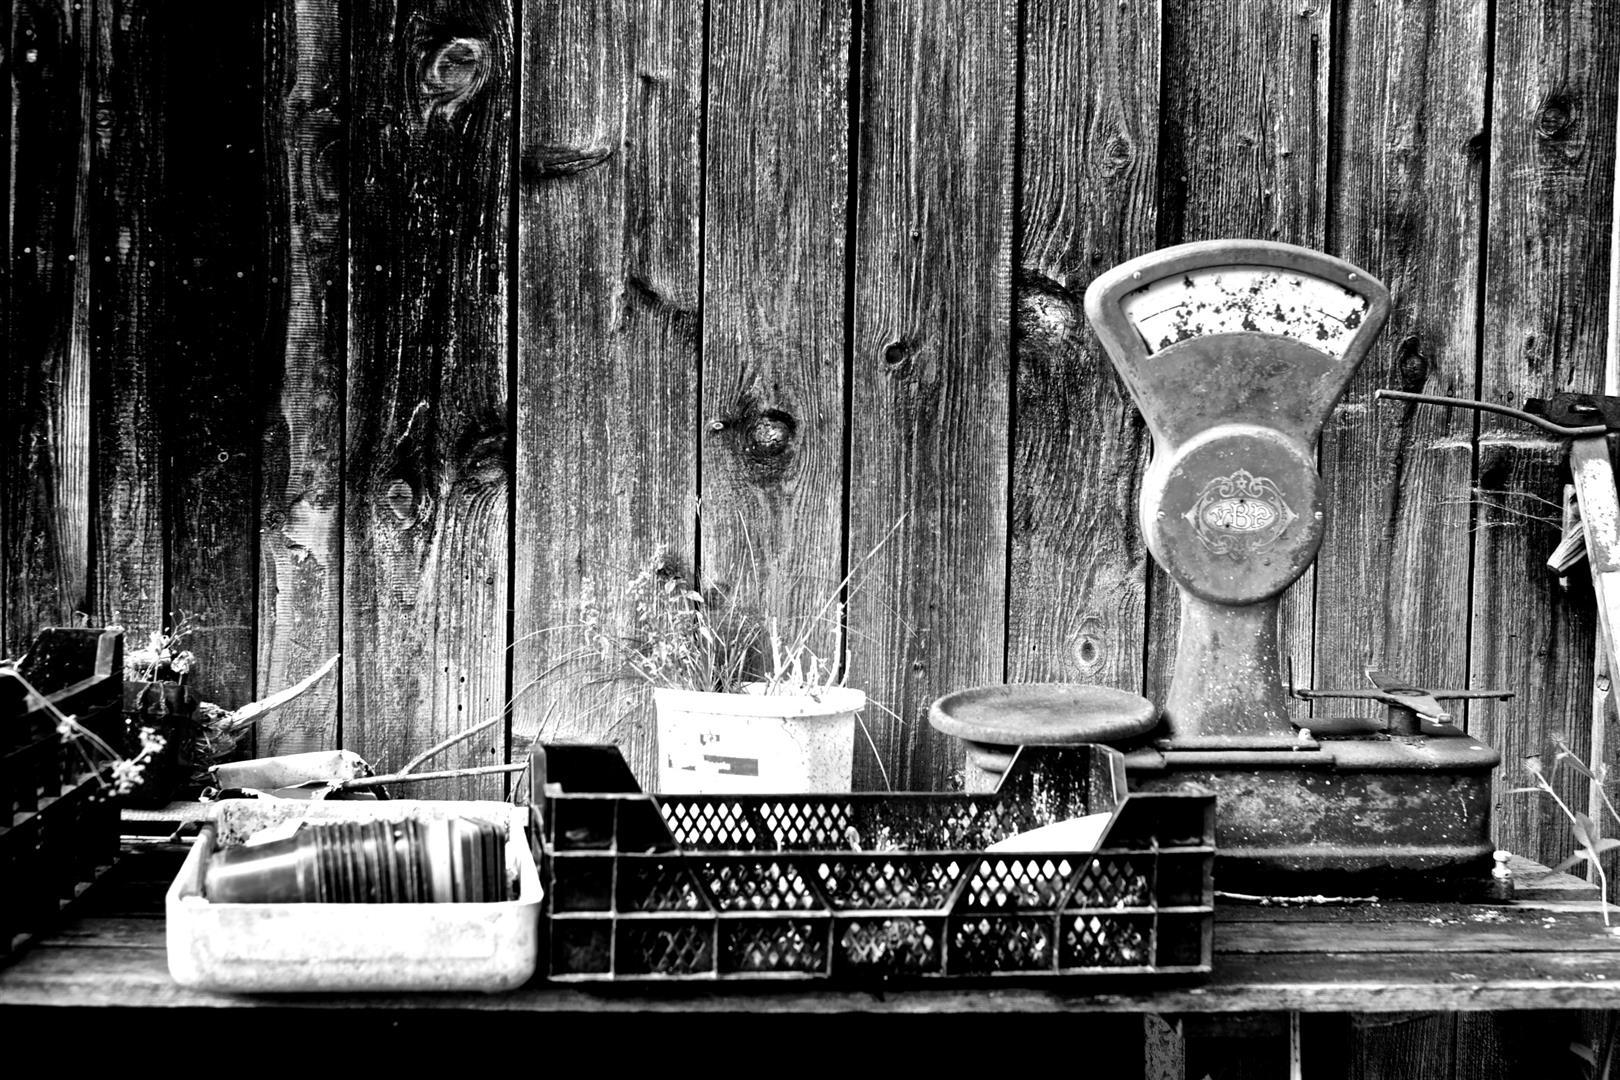 Sommerküche Hildegard Von Bingen : Hildegards sommerküche sl lifestyle u sabines magazin für reisen